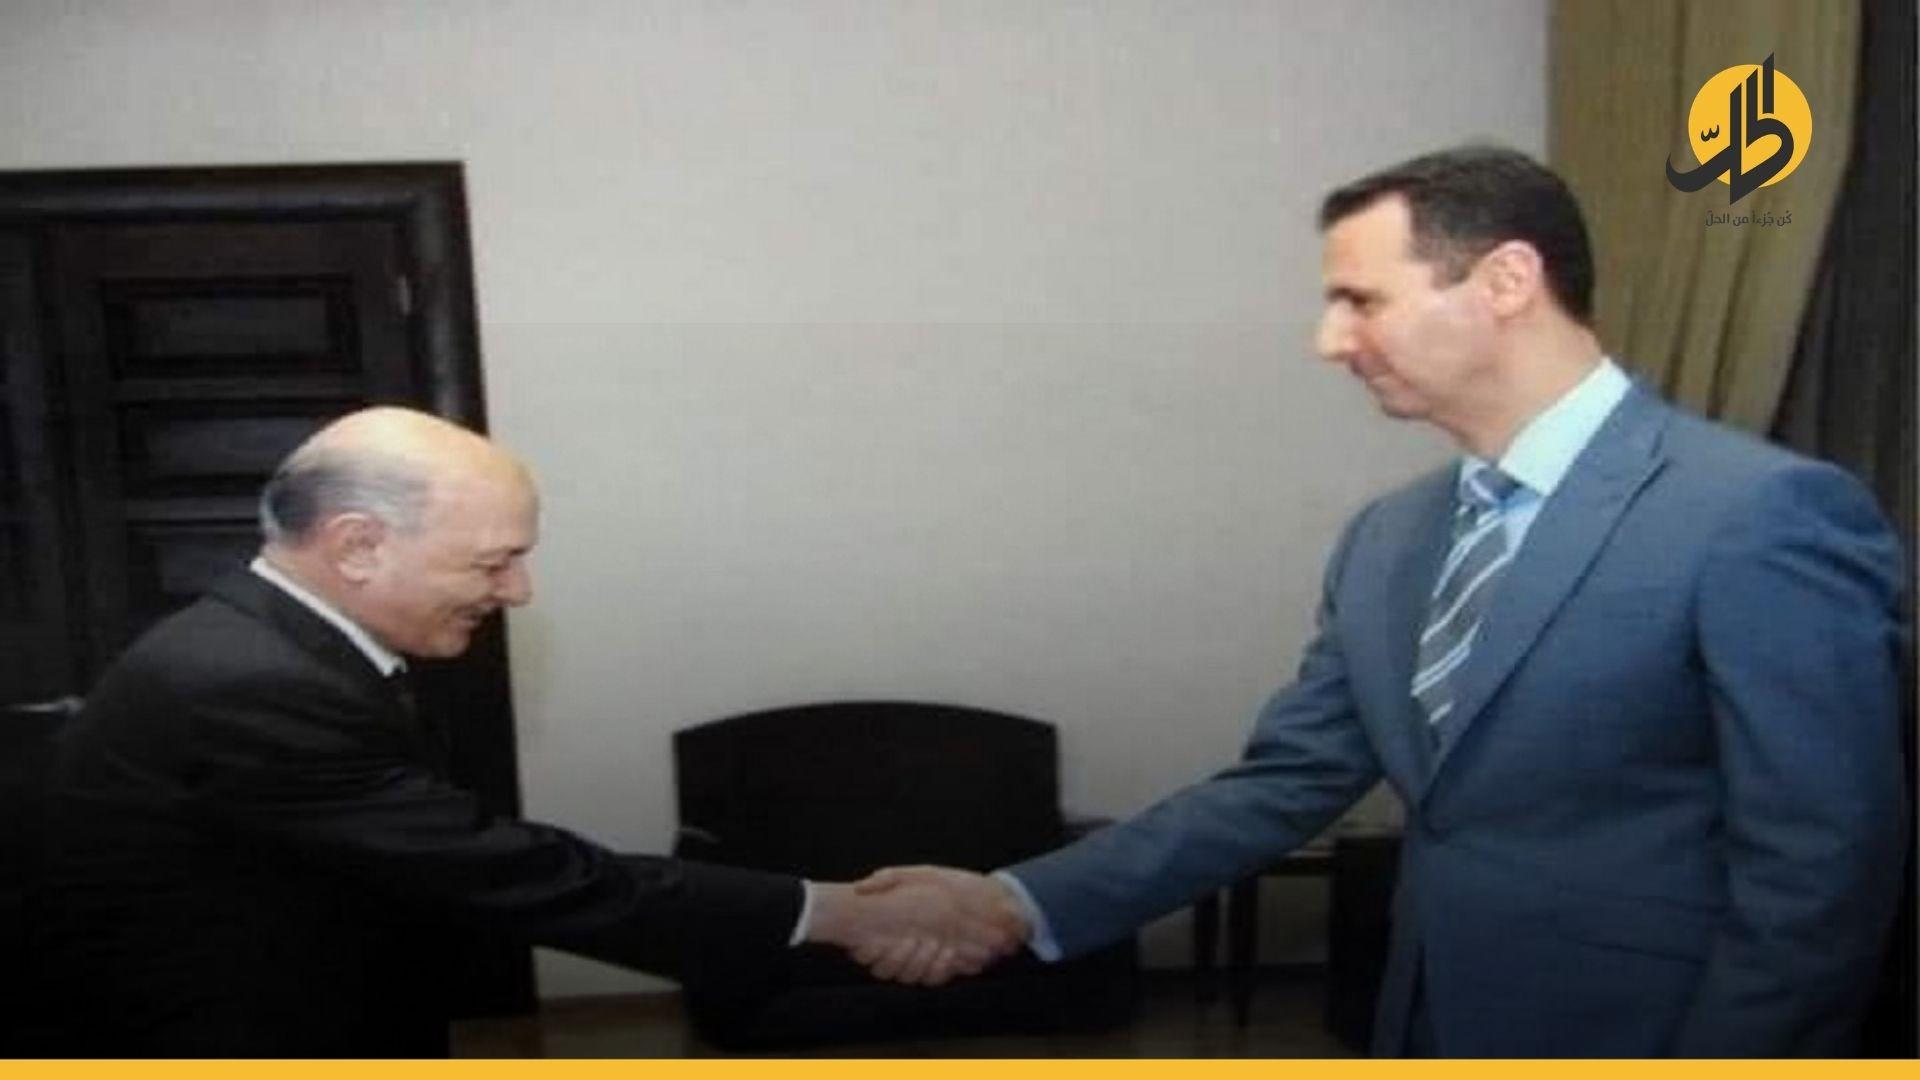 """في إشارة لنهاية خدمته.. """"الأسد"""" يمنح """"دعبول"""" أرفع وسام في سوريا"""